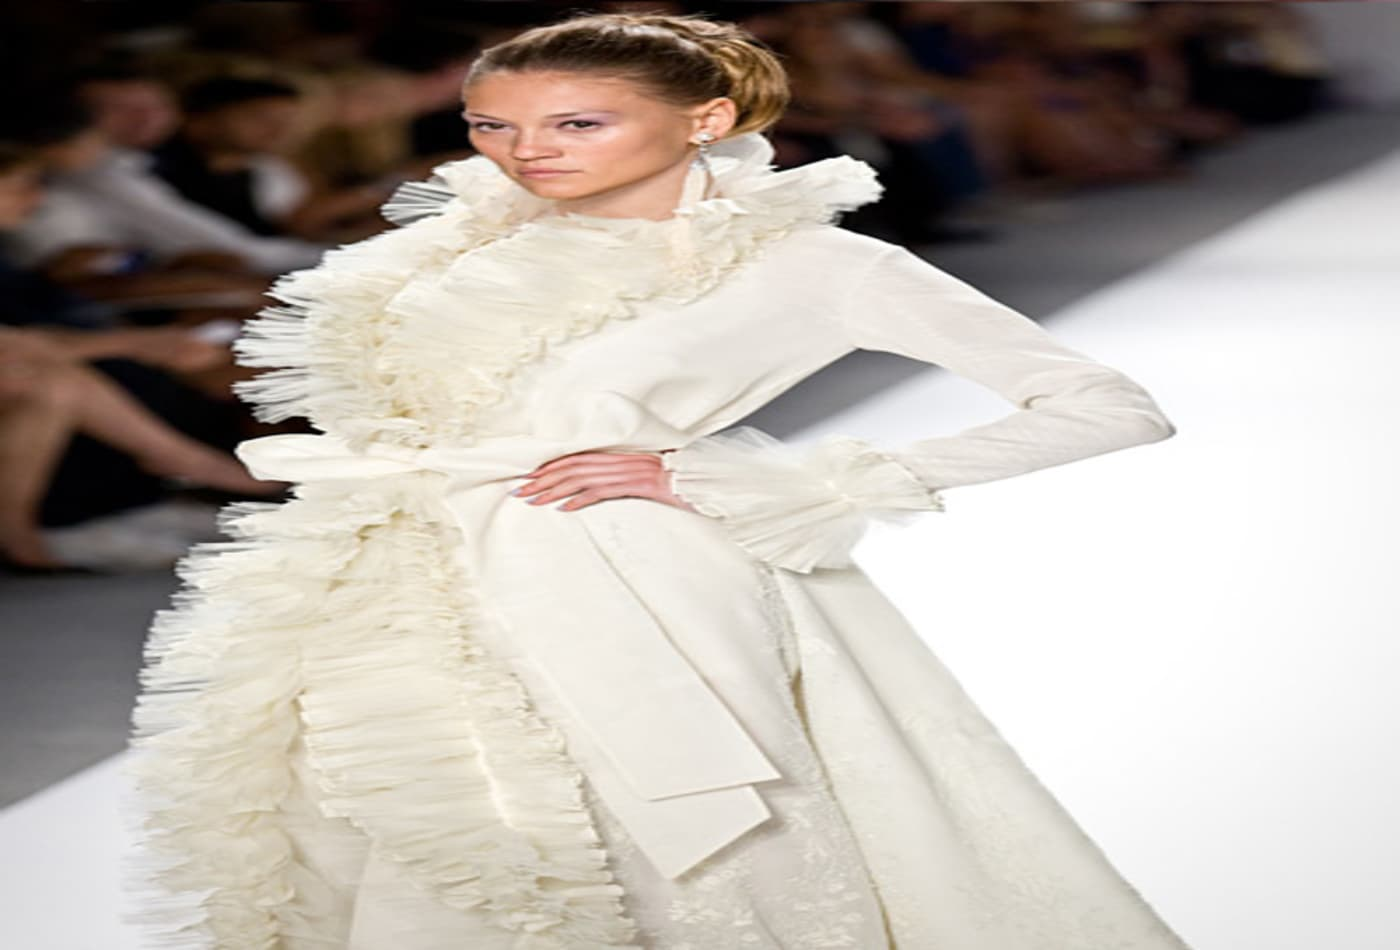 Mercedes-Benz-Fashion-week-2012-zang-toi-model-white.jpg